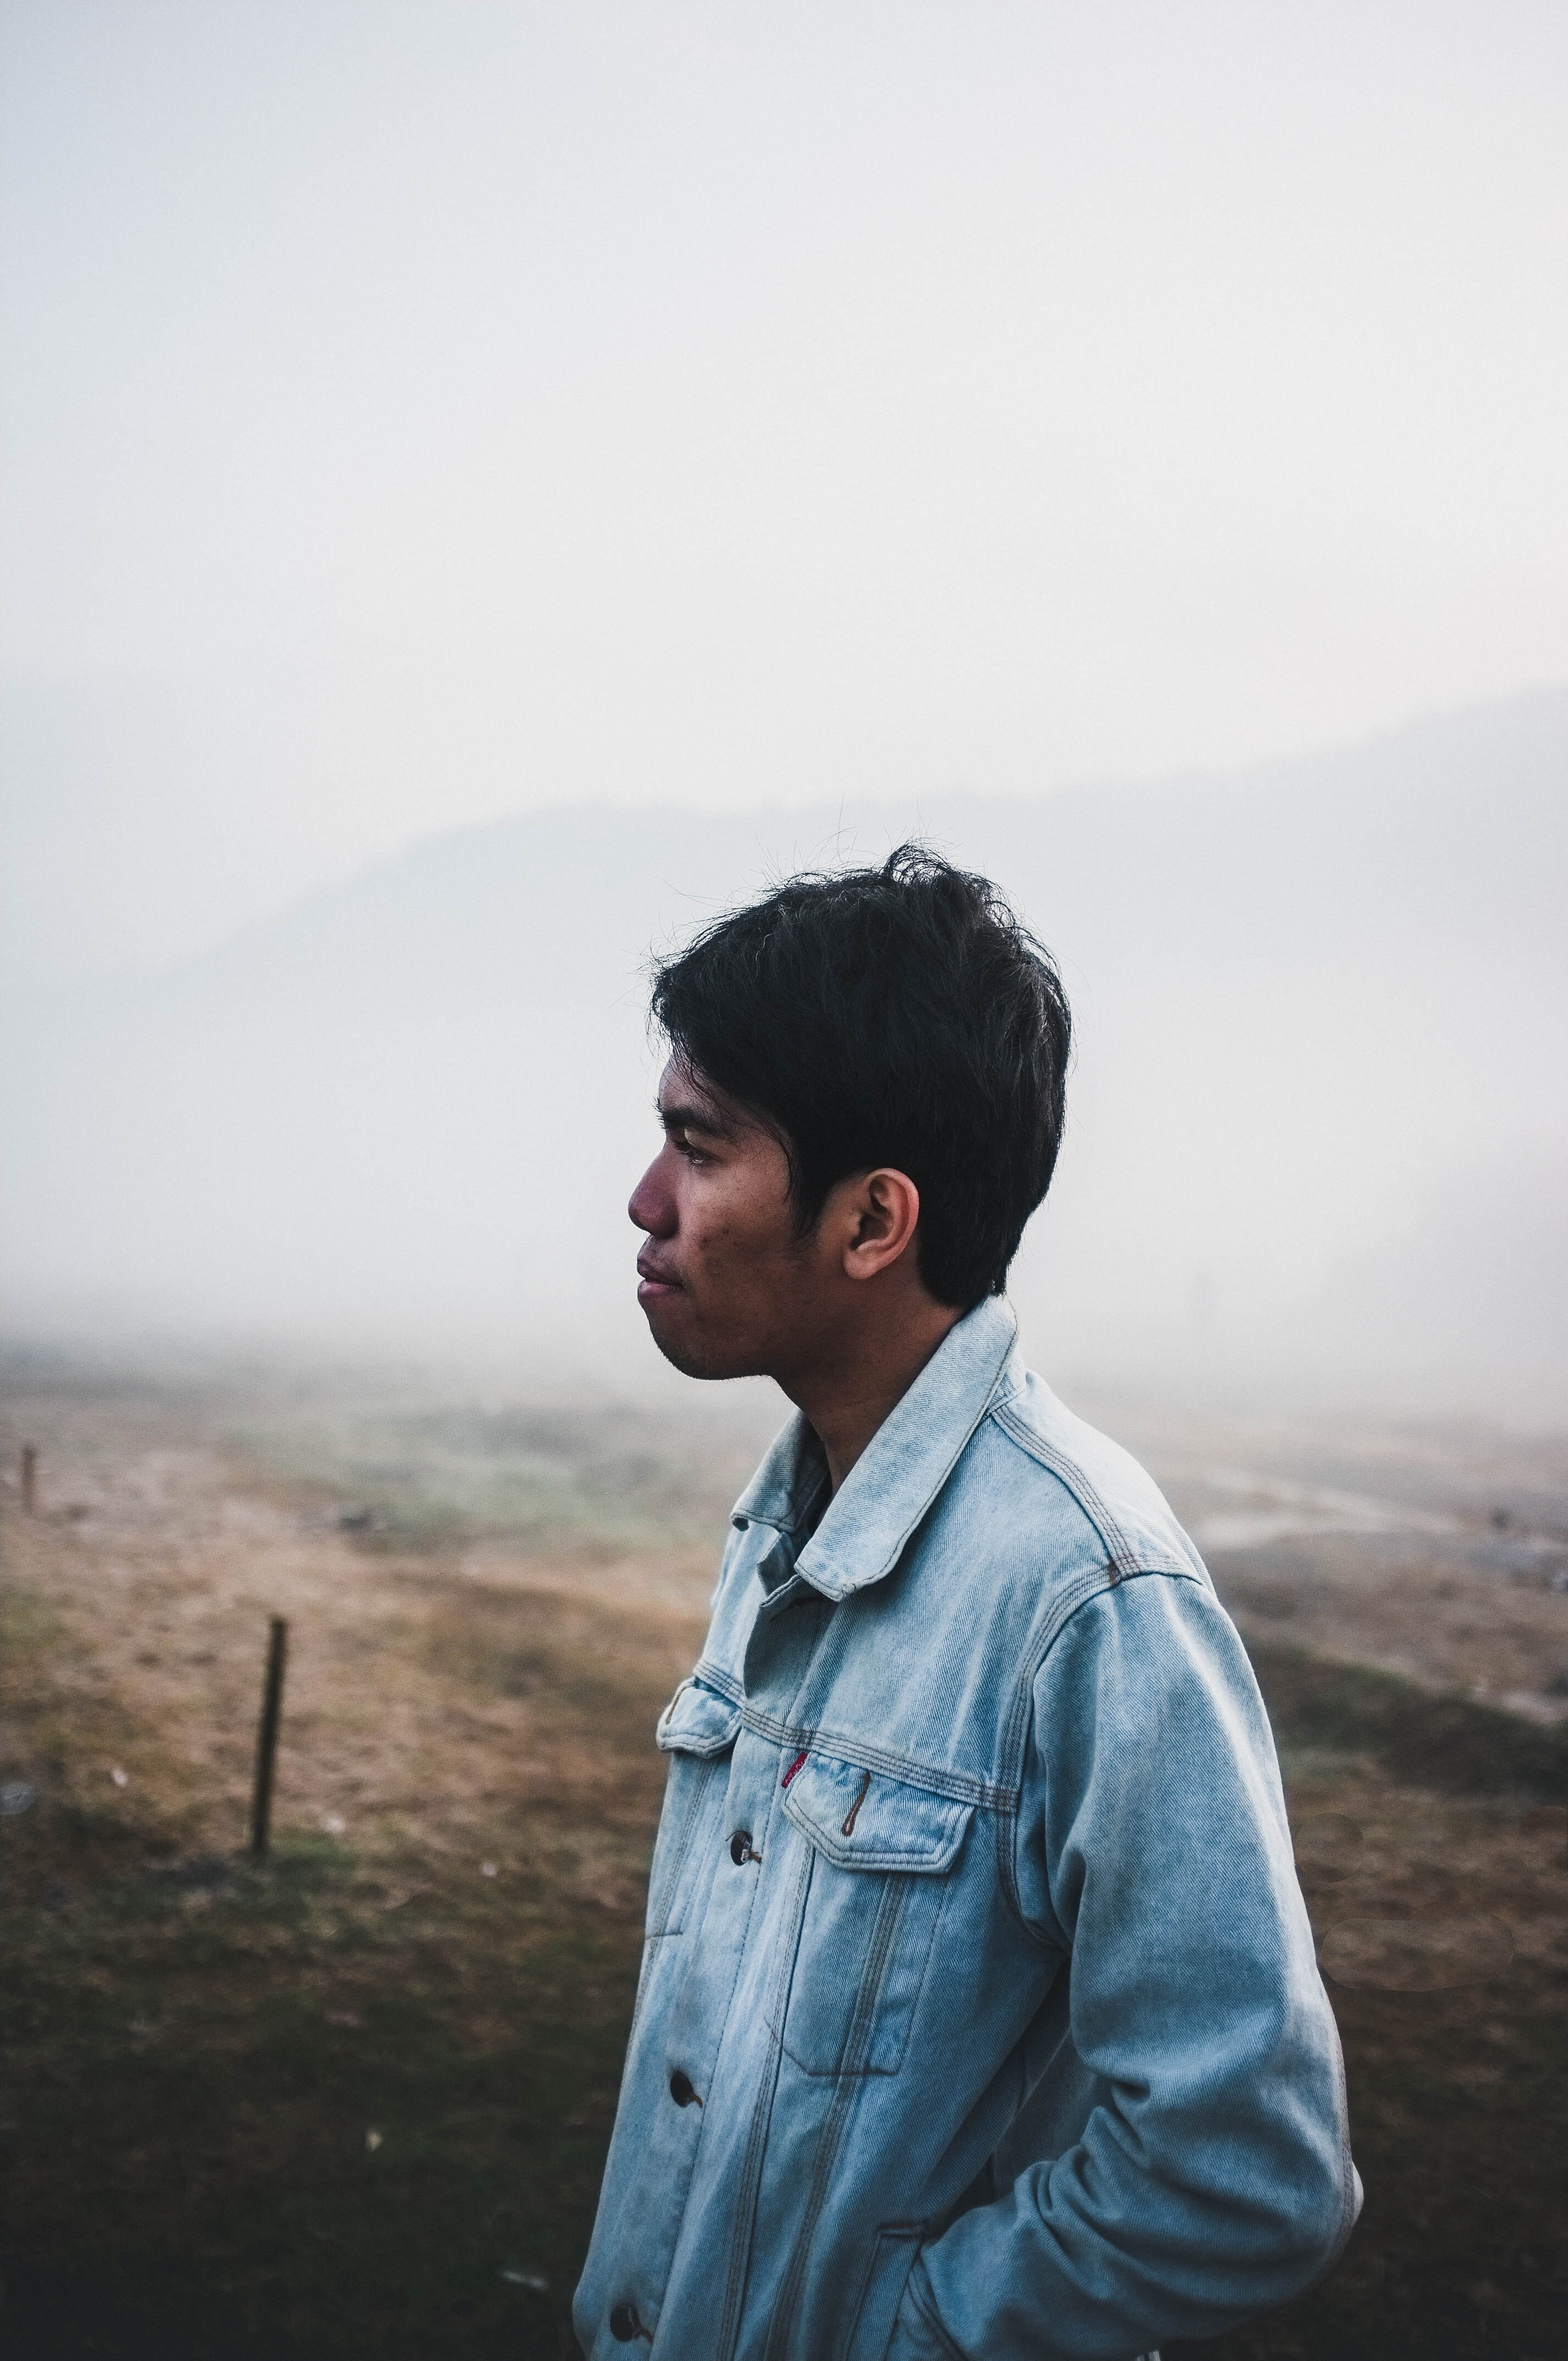 man wearing blue denim jacket under foggy weather